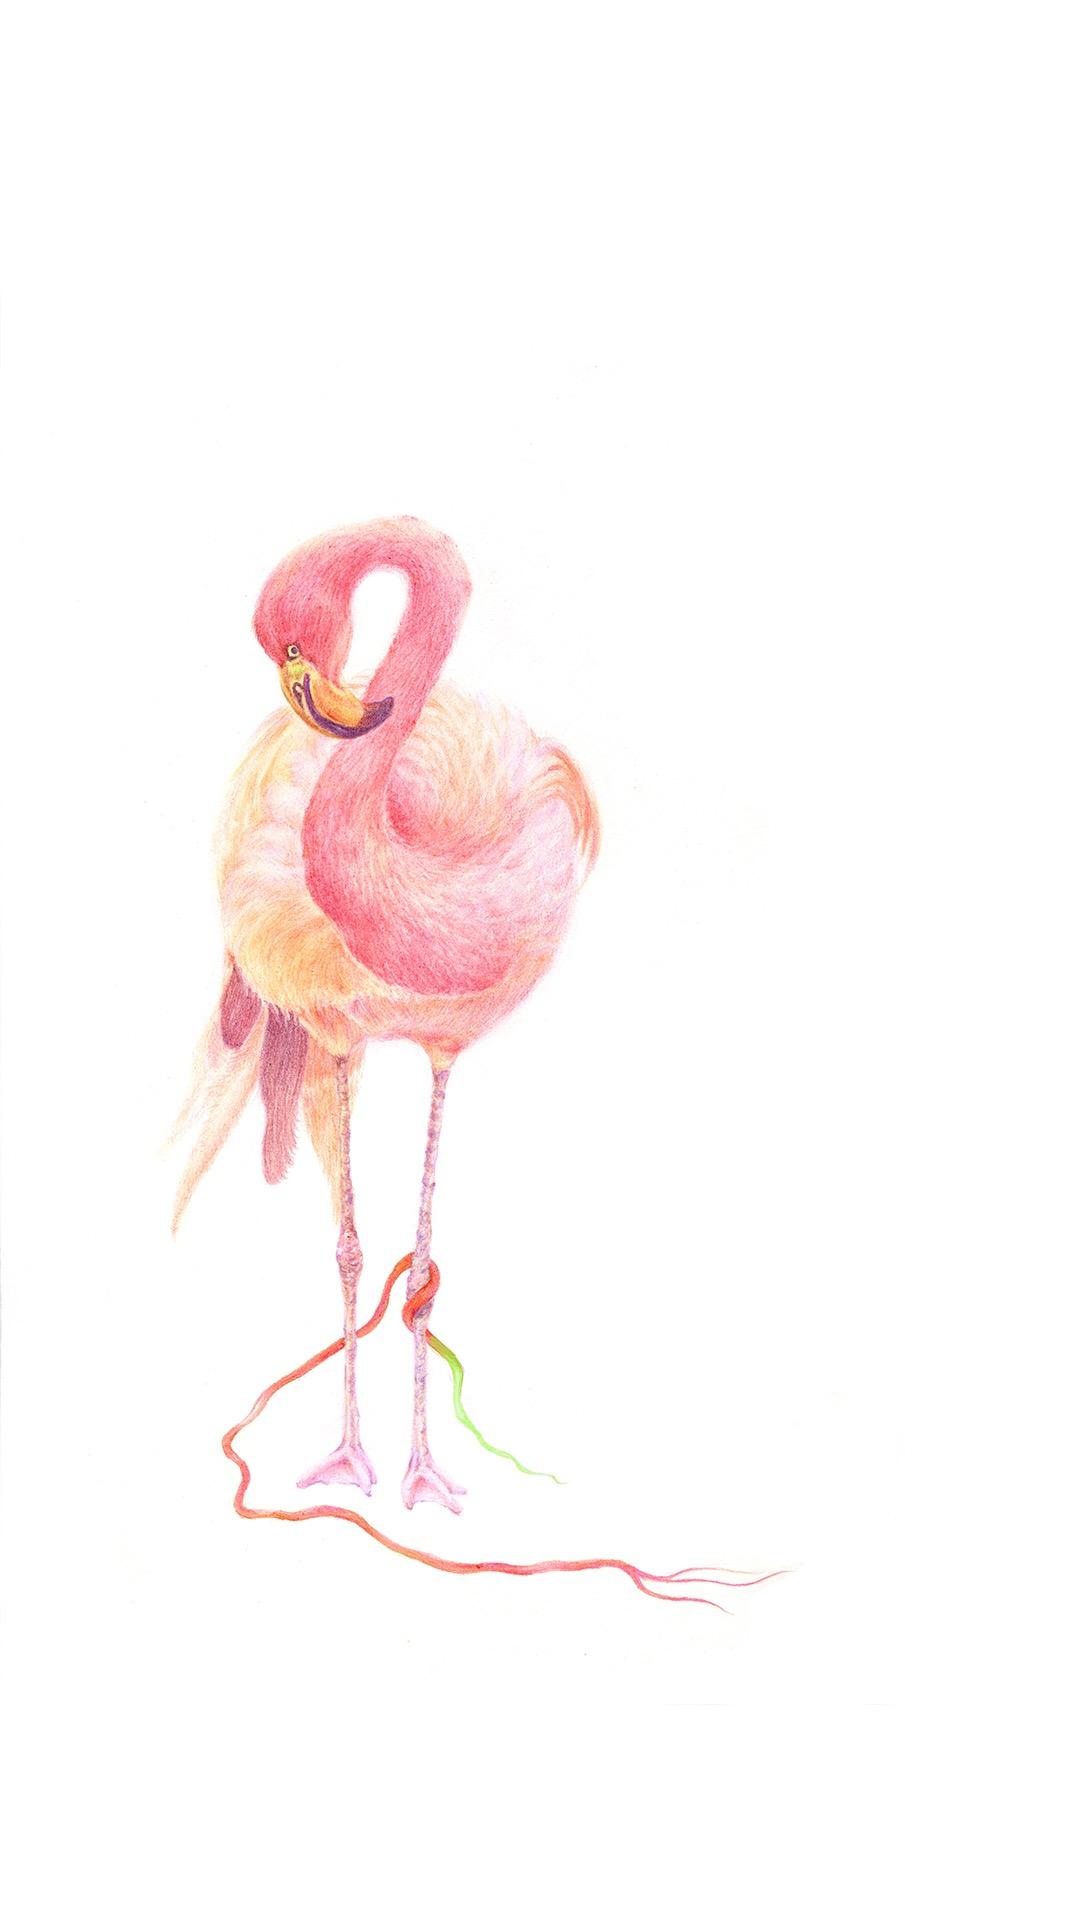 火烈鸟 动物 手绘 粉色